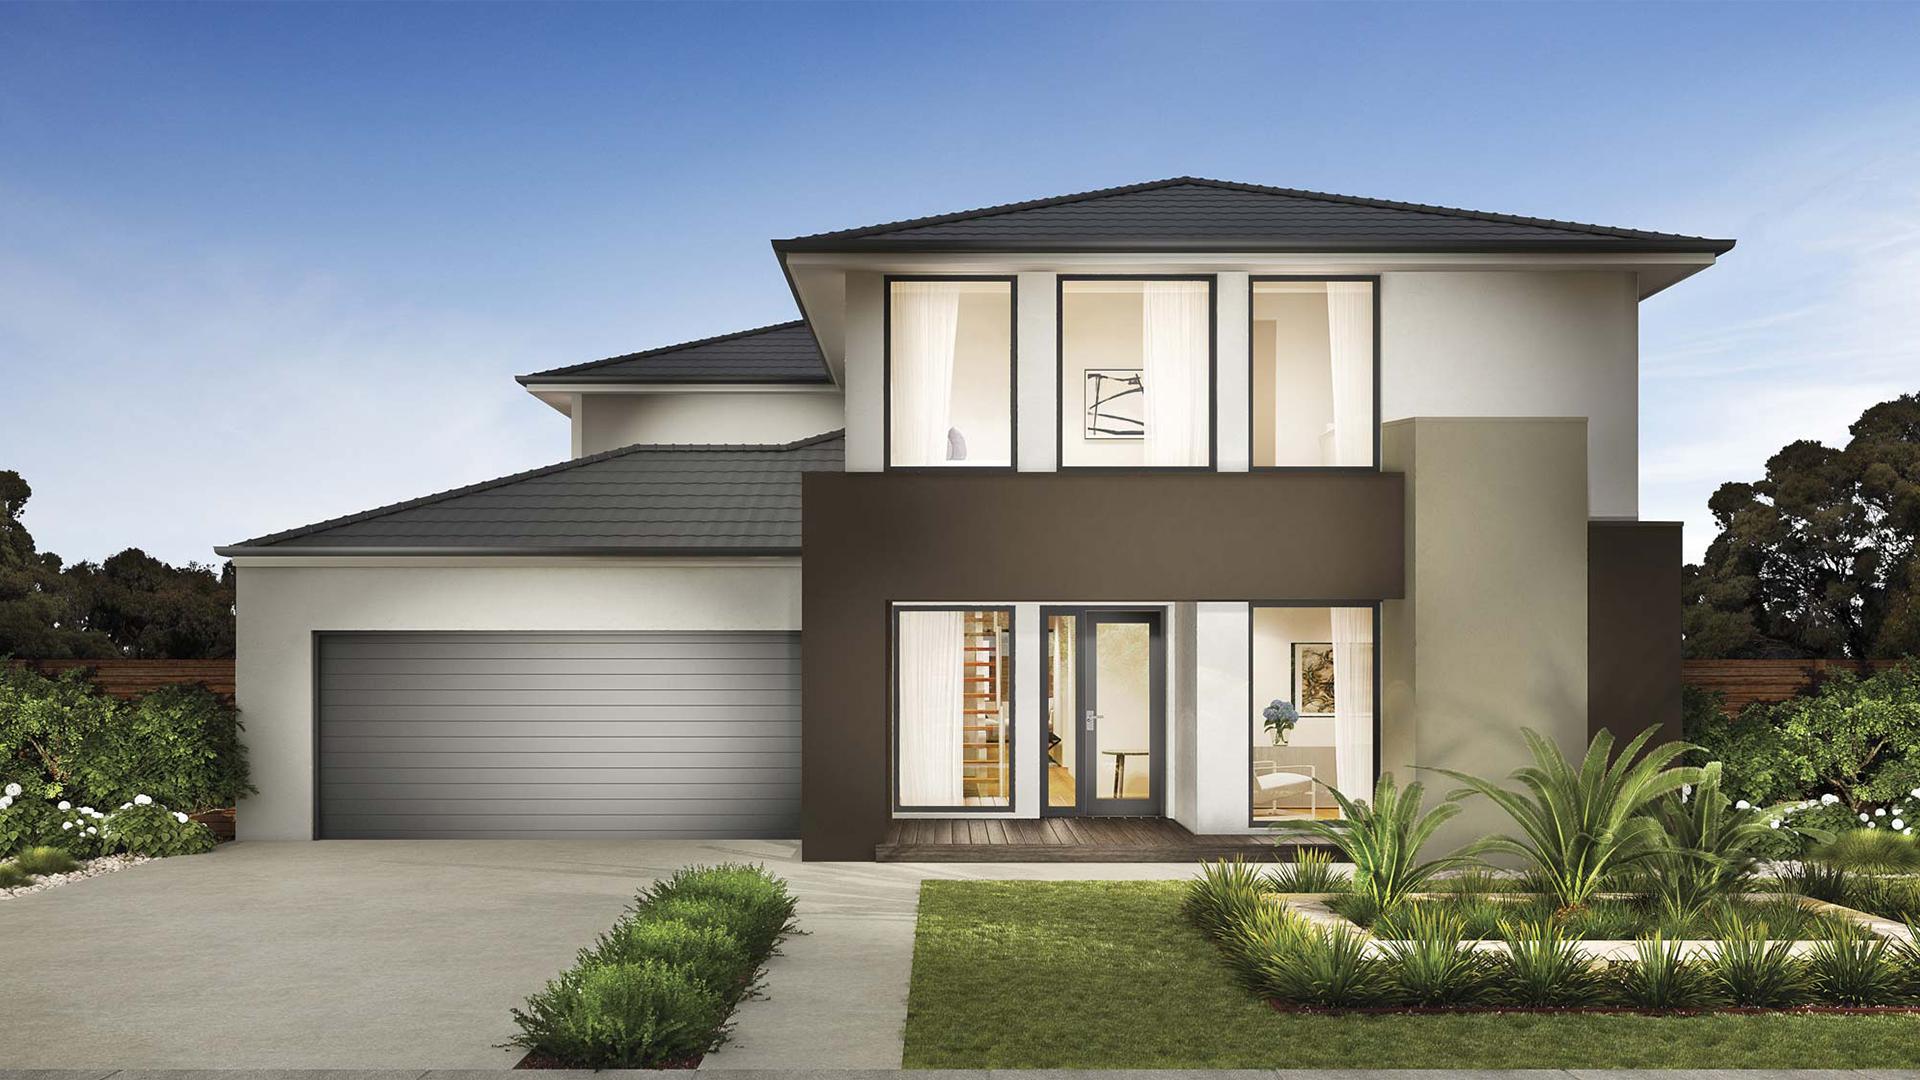 paso a paso c mo renovar la fachada de casa consejo de On renovacion de fachada de casa de revestimiento